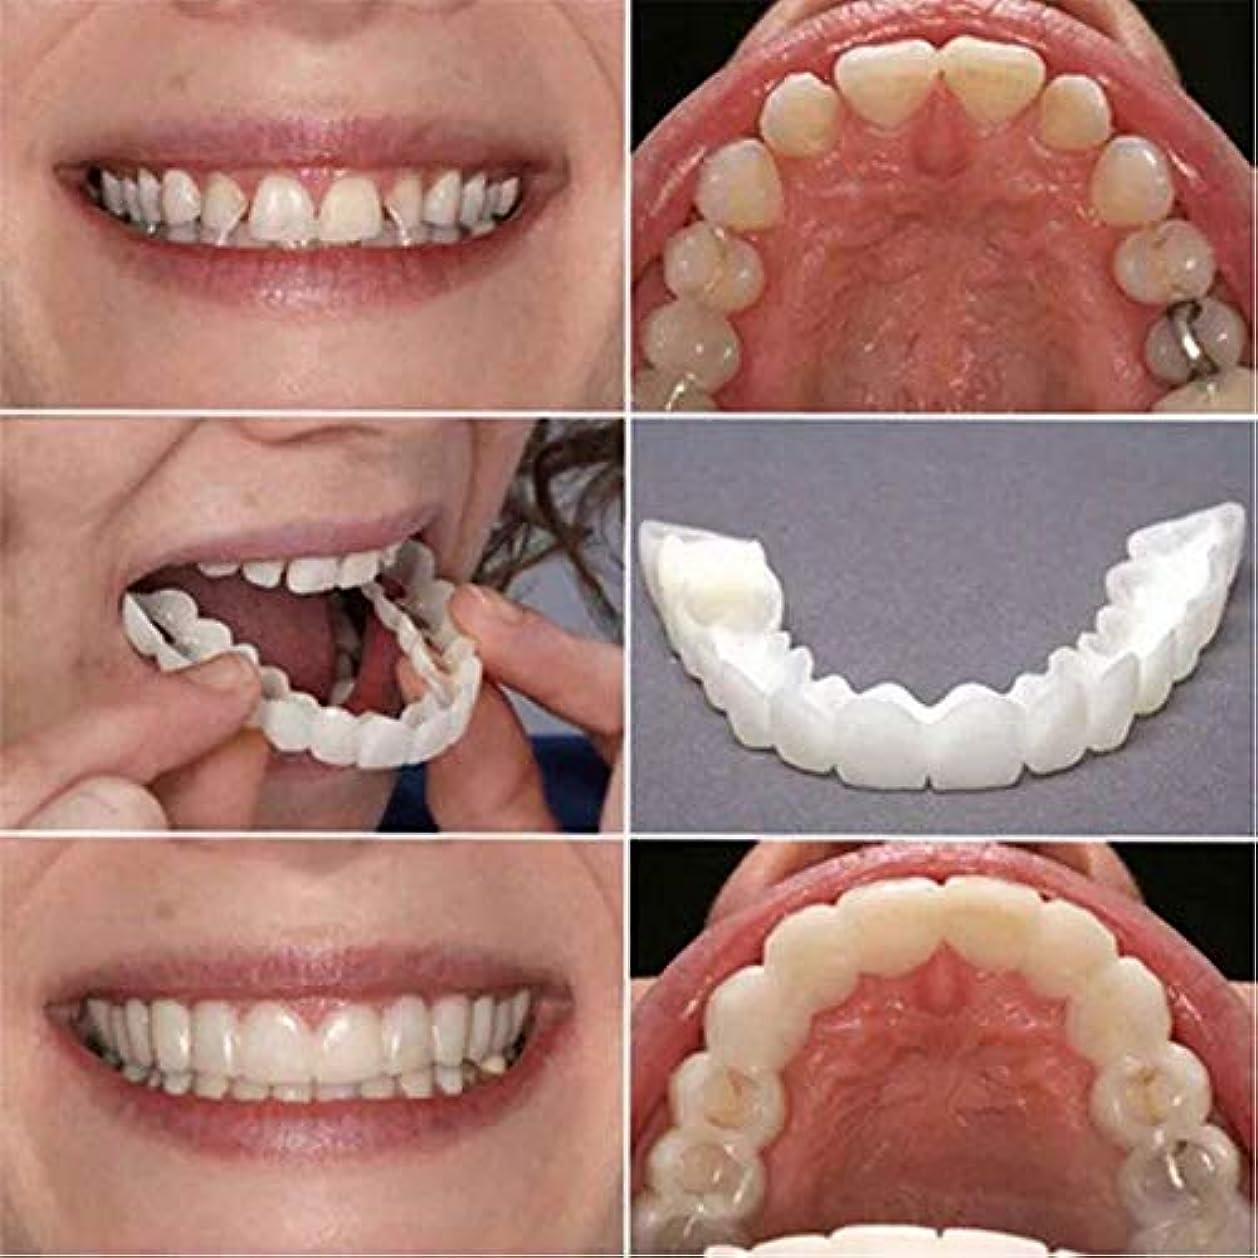 トンネル力学余韻2個の歯ピースフィッティング快適なフィット歯のソケット義歯口腔用品矯正アクセティース 笑顔を保つ